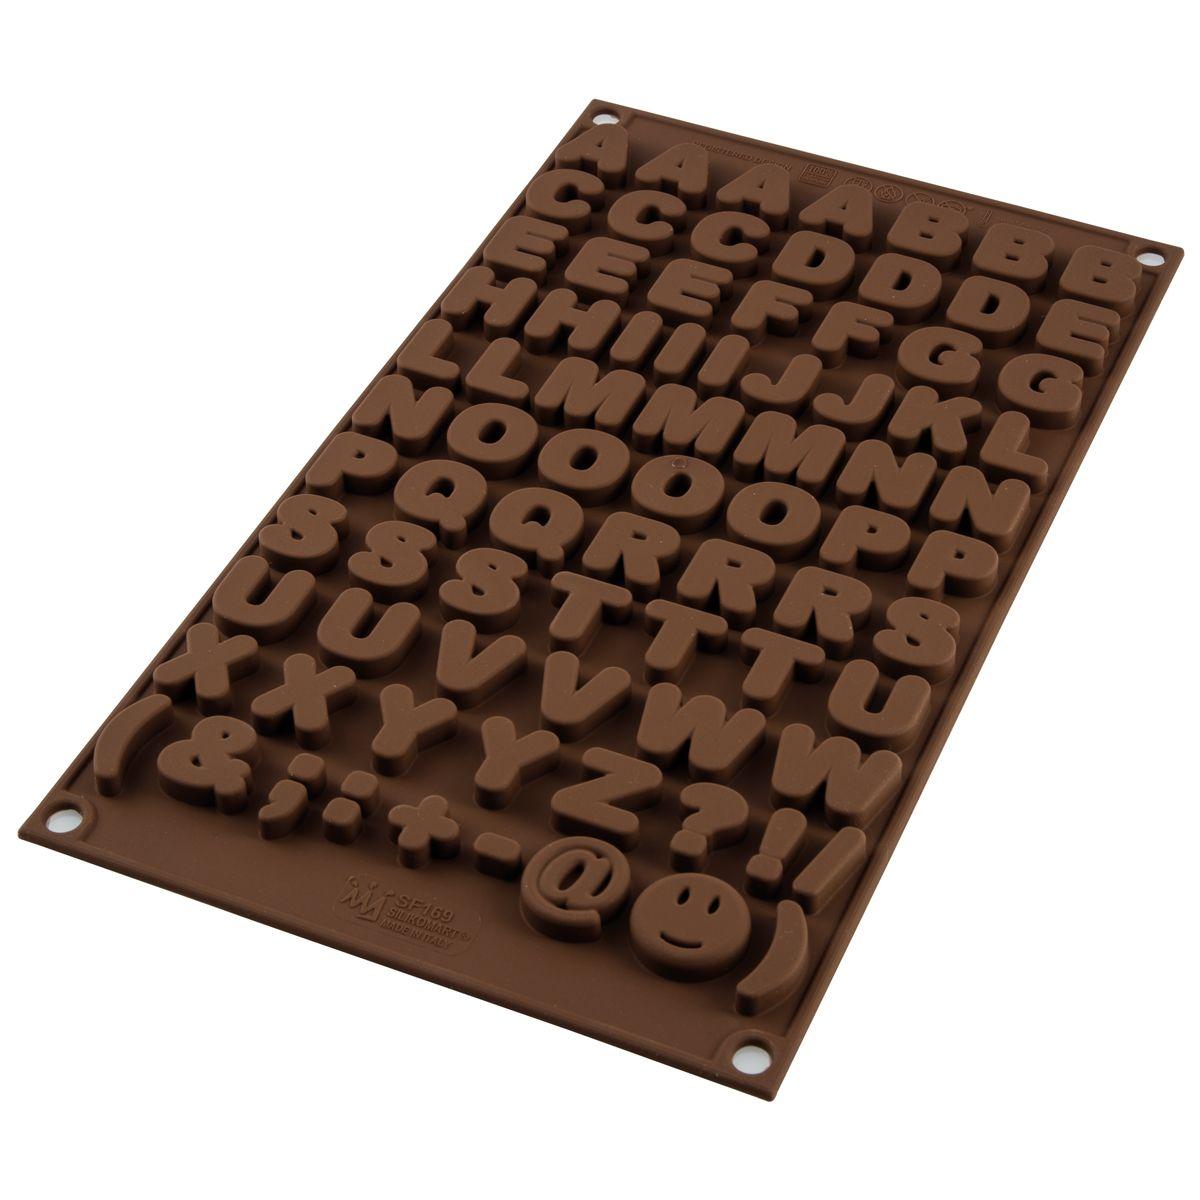 Pomůcky pro práci s čokoládou